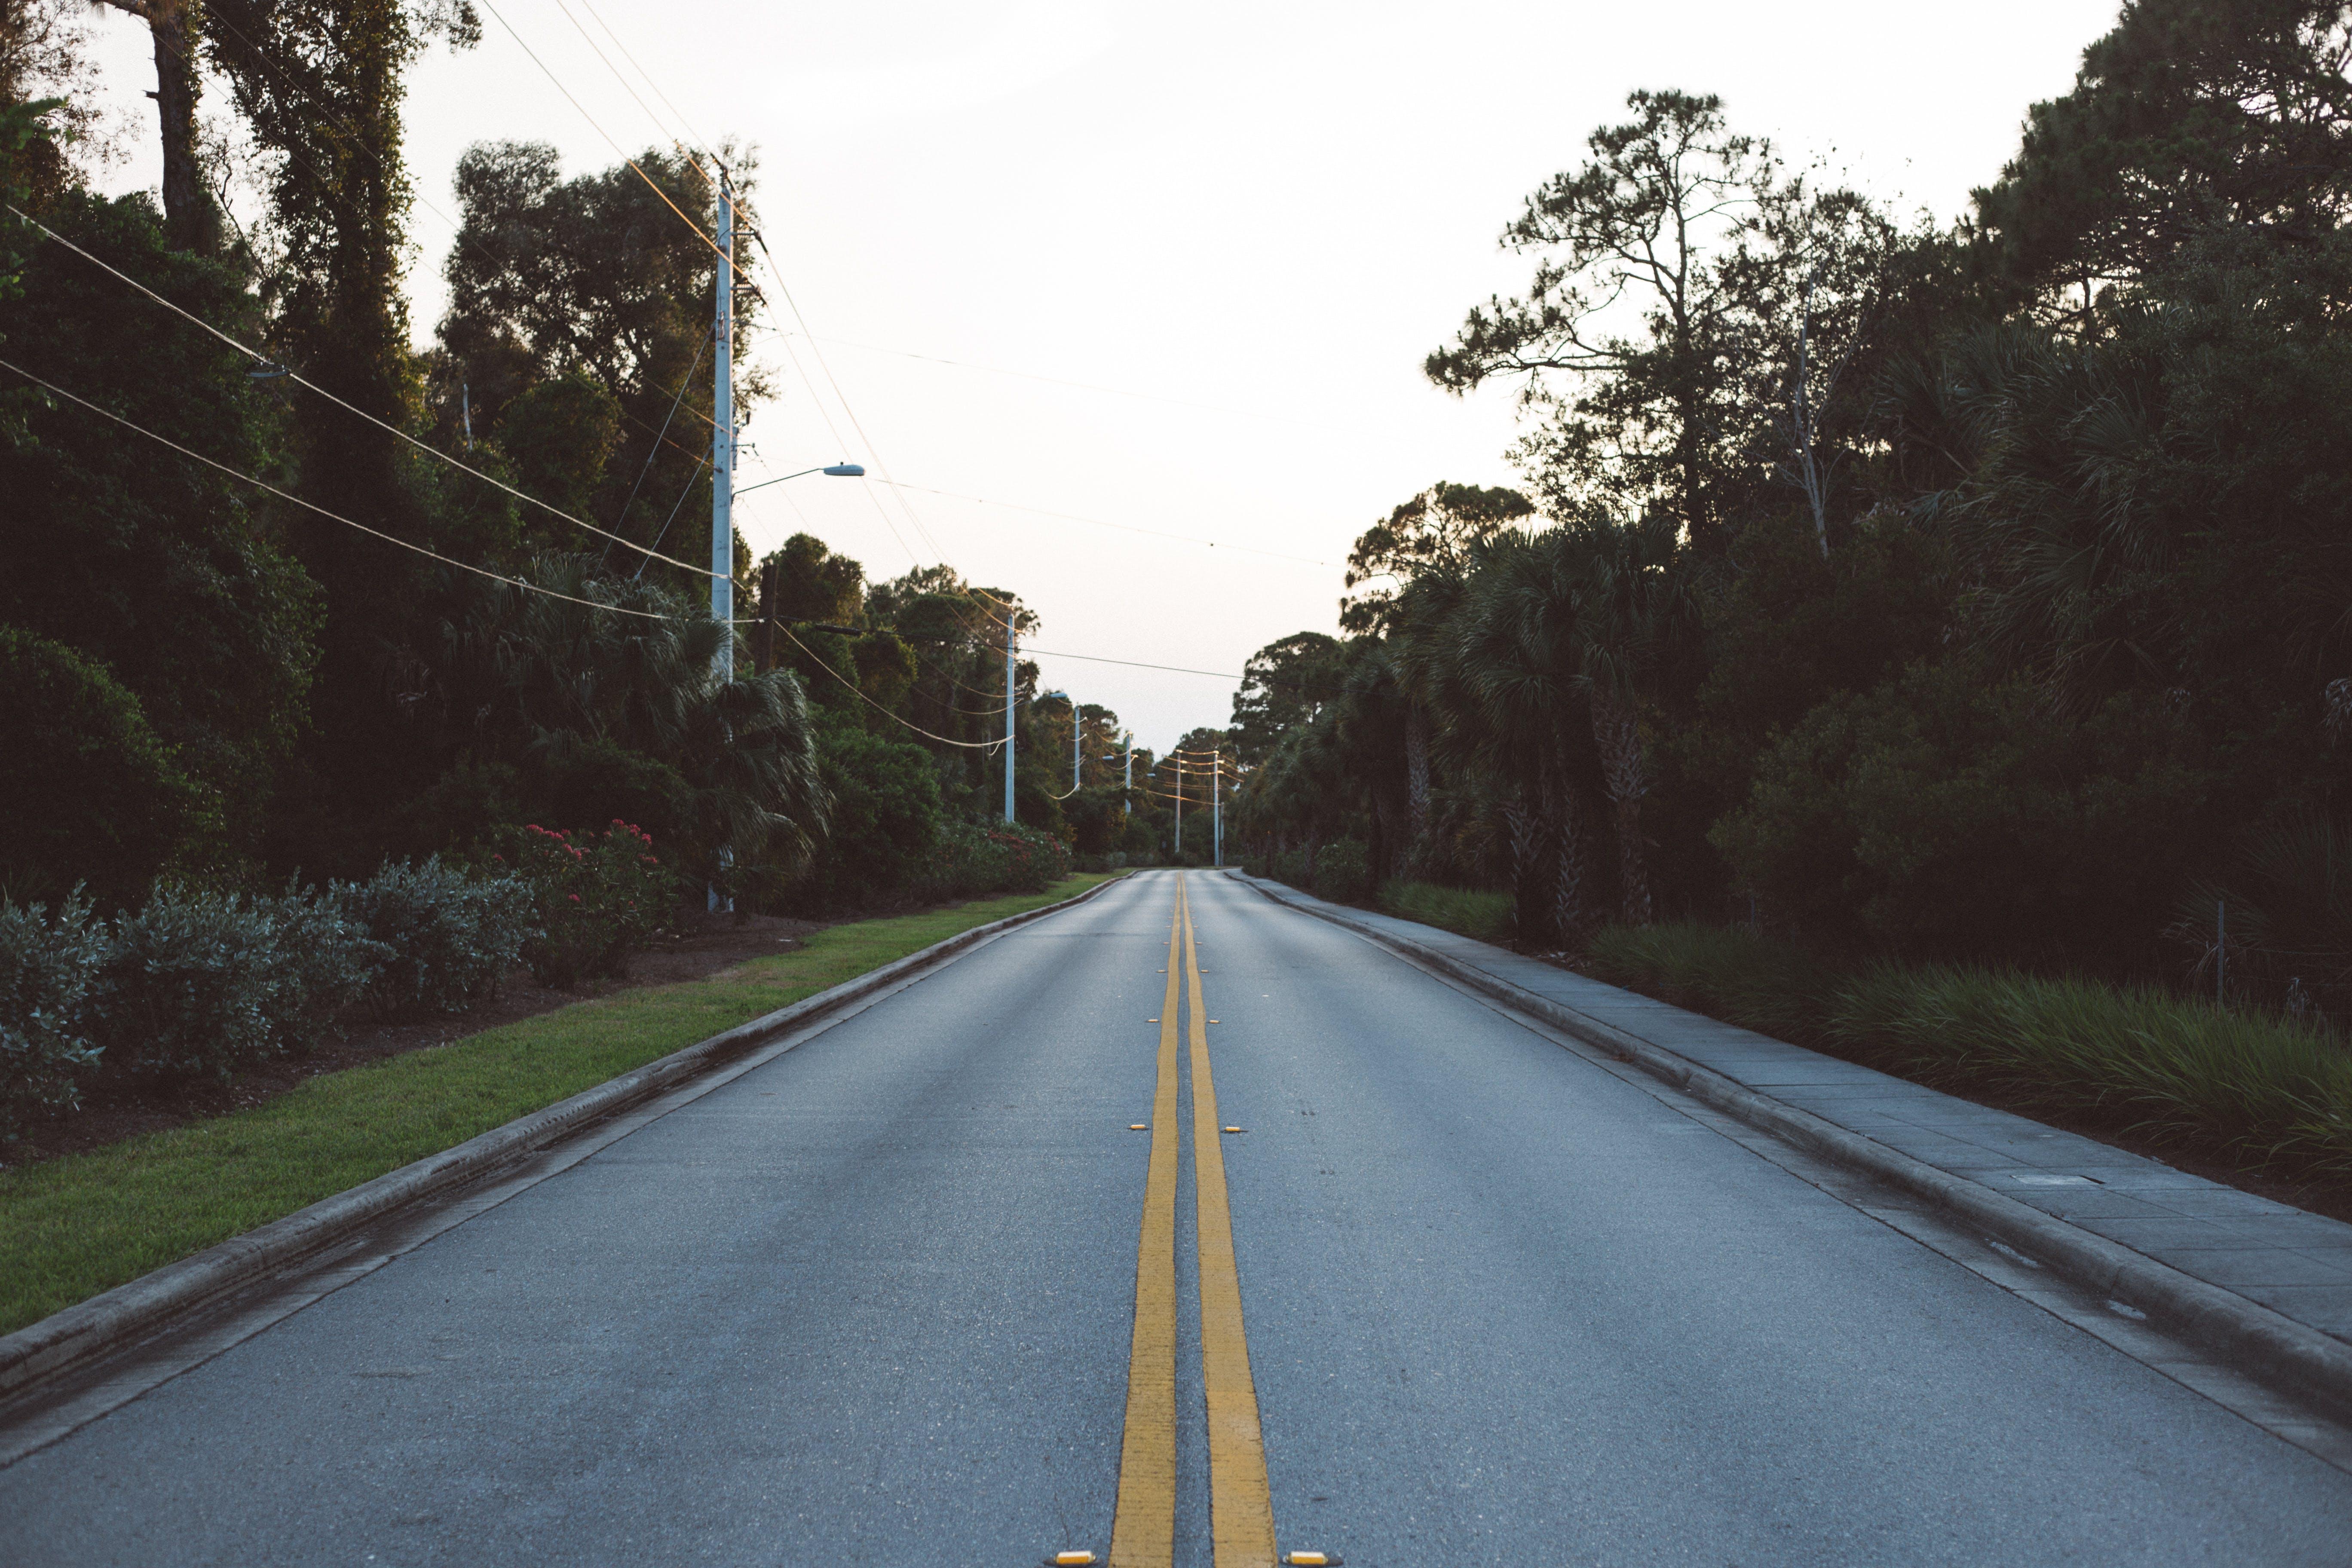 ağaçlar, şerit, sokak ışıkları, yol içeren Ücretsiz stok fotoğraf